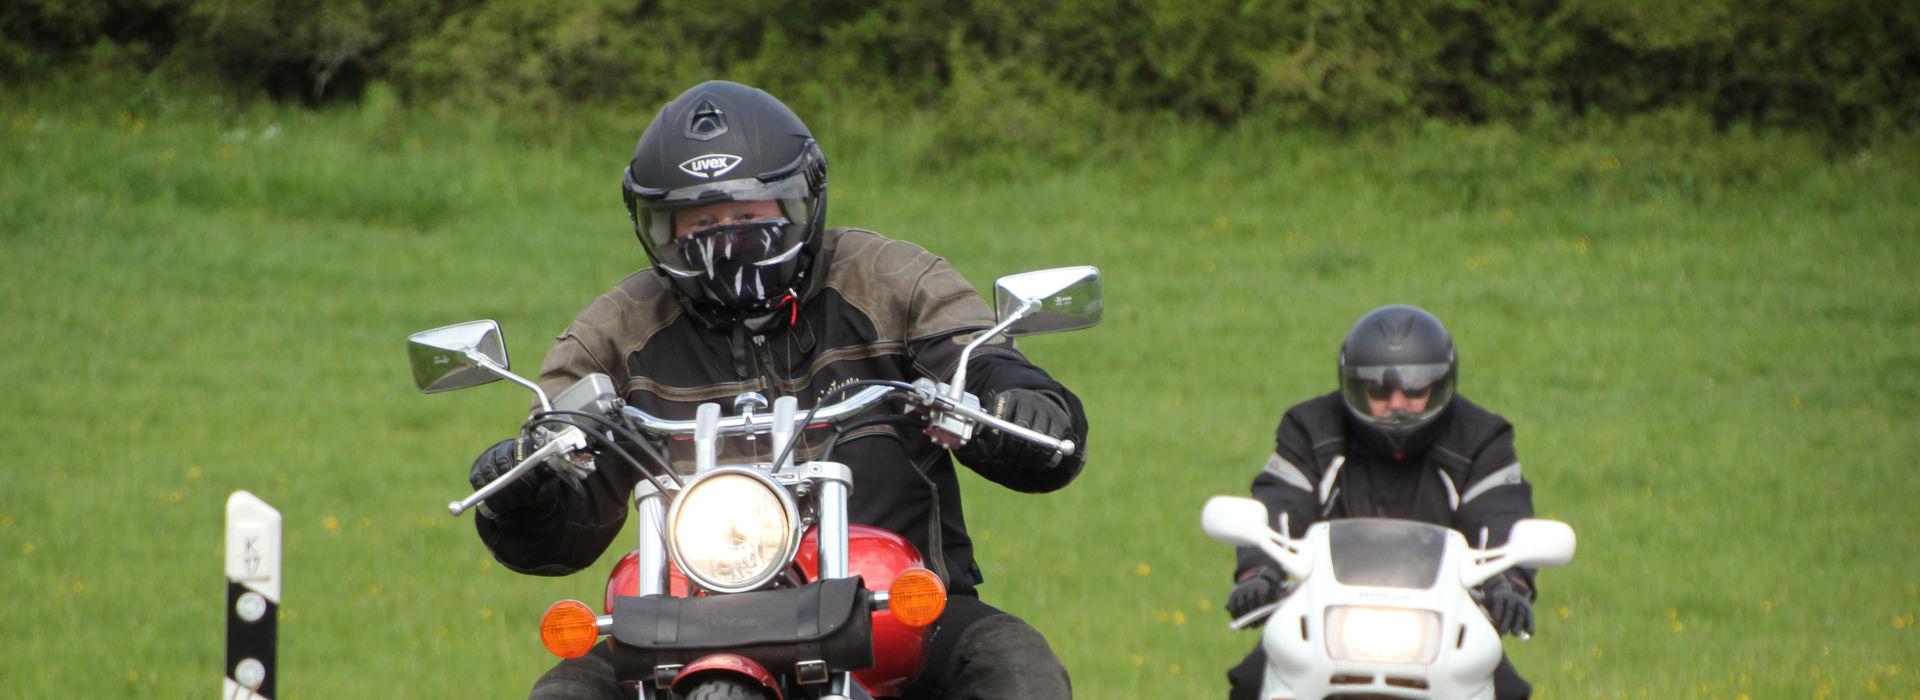 Motorrijschool Motorrijbewijspoint Hoensbroek motorrijlessen